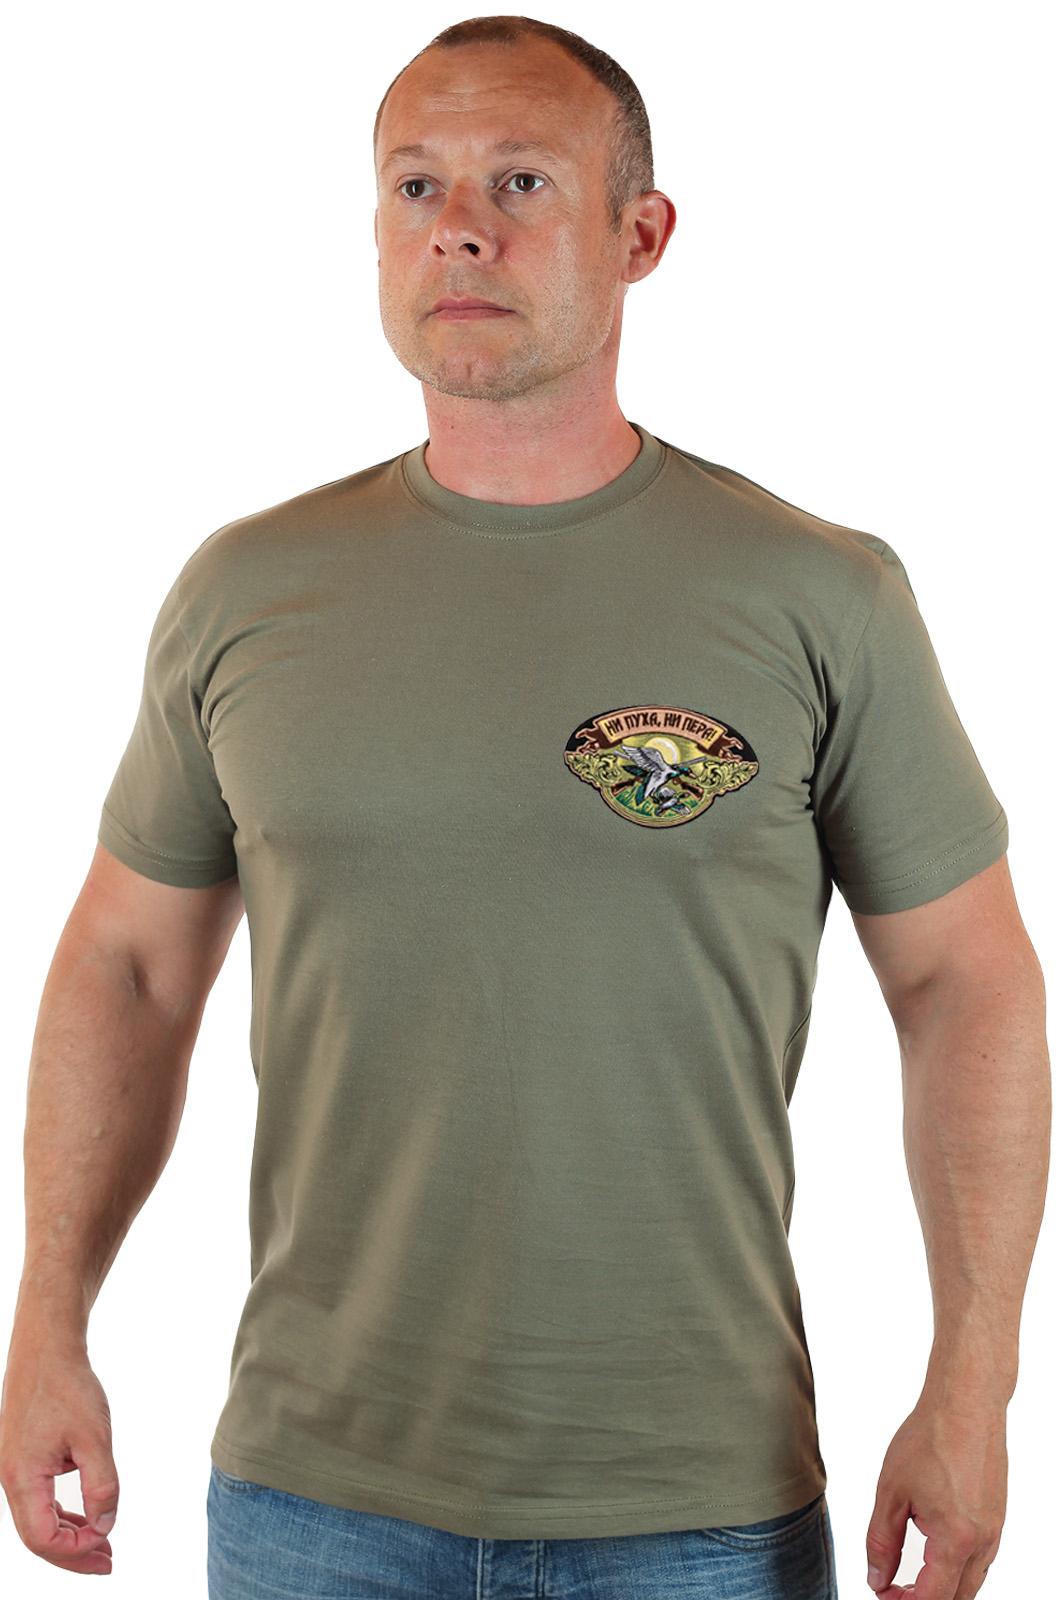 Купить охотничью футболку с принтом «Ни пуха, ни пера»